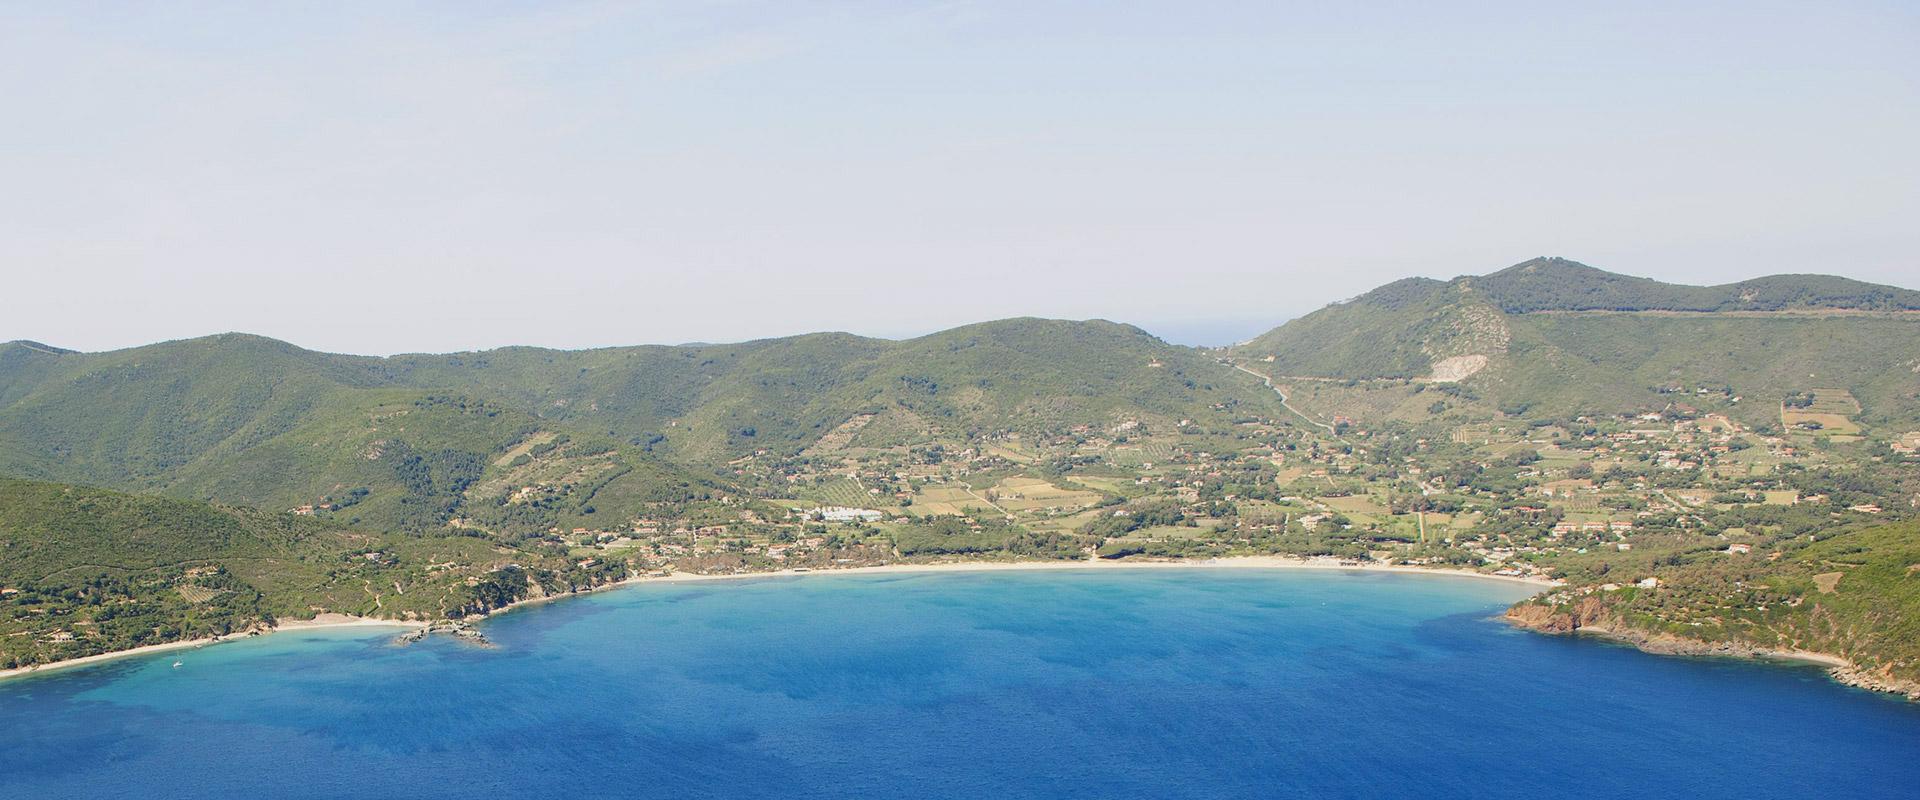 Golfo di Lacona Isola d'Elba